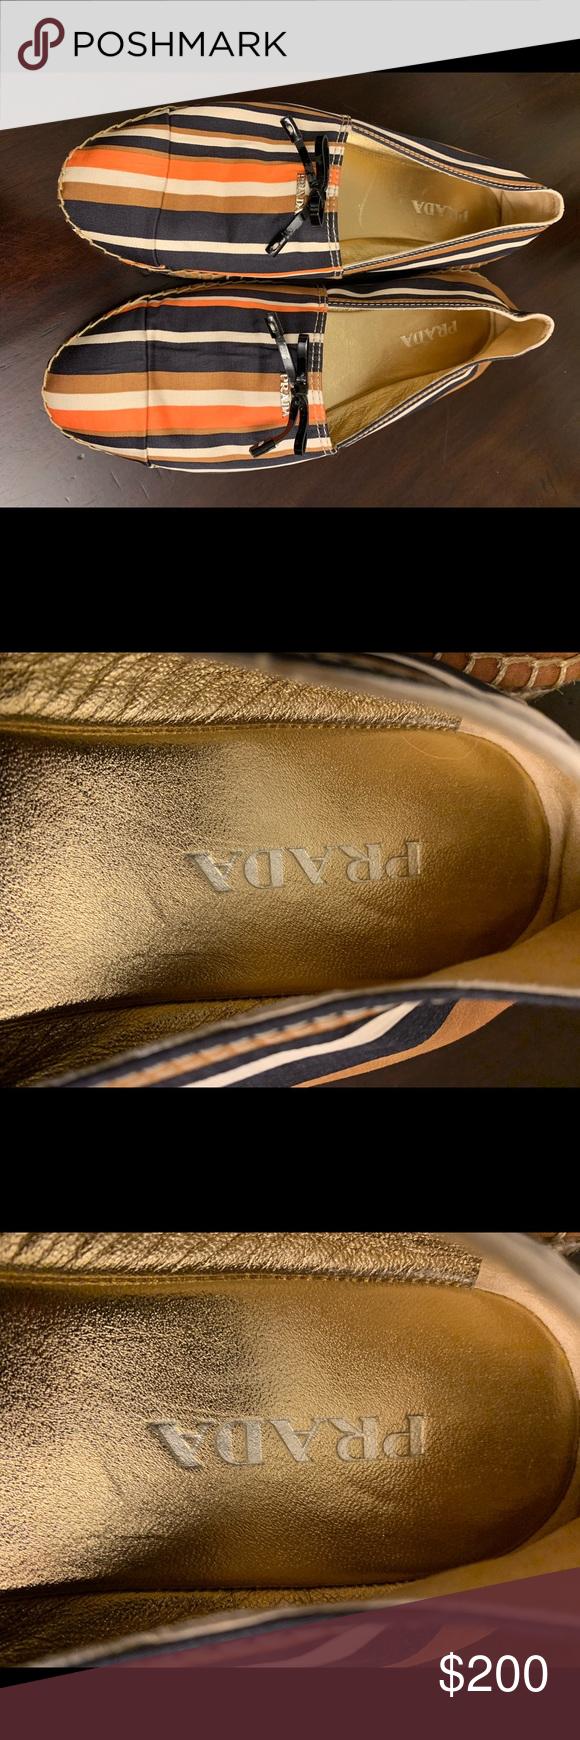 Prada, Espadrilles, Prada shoes